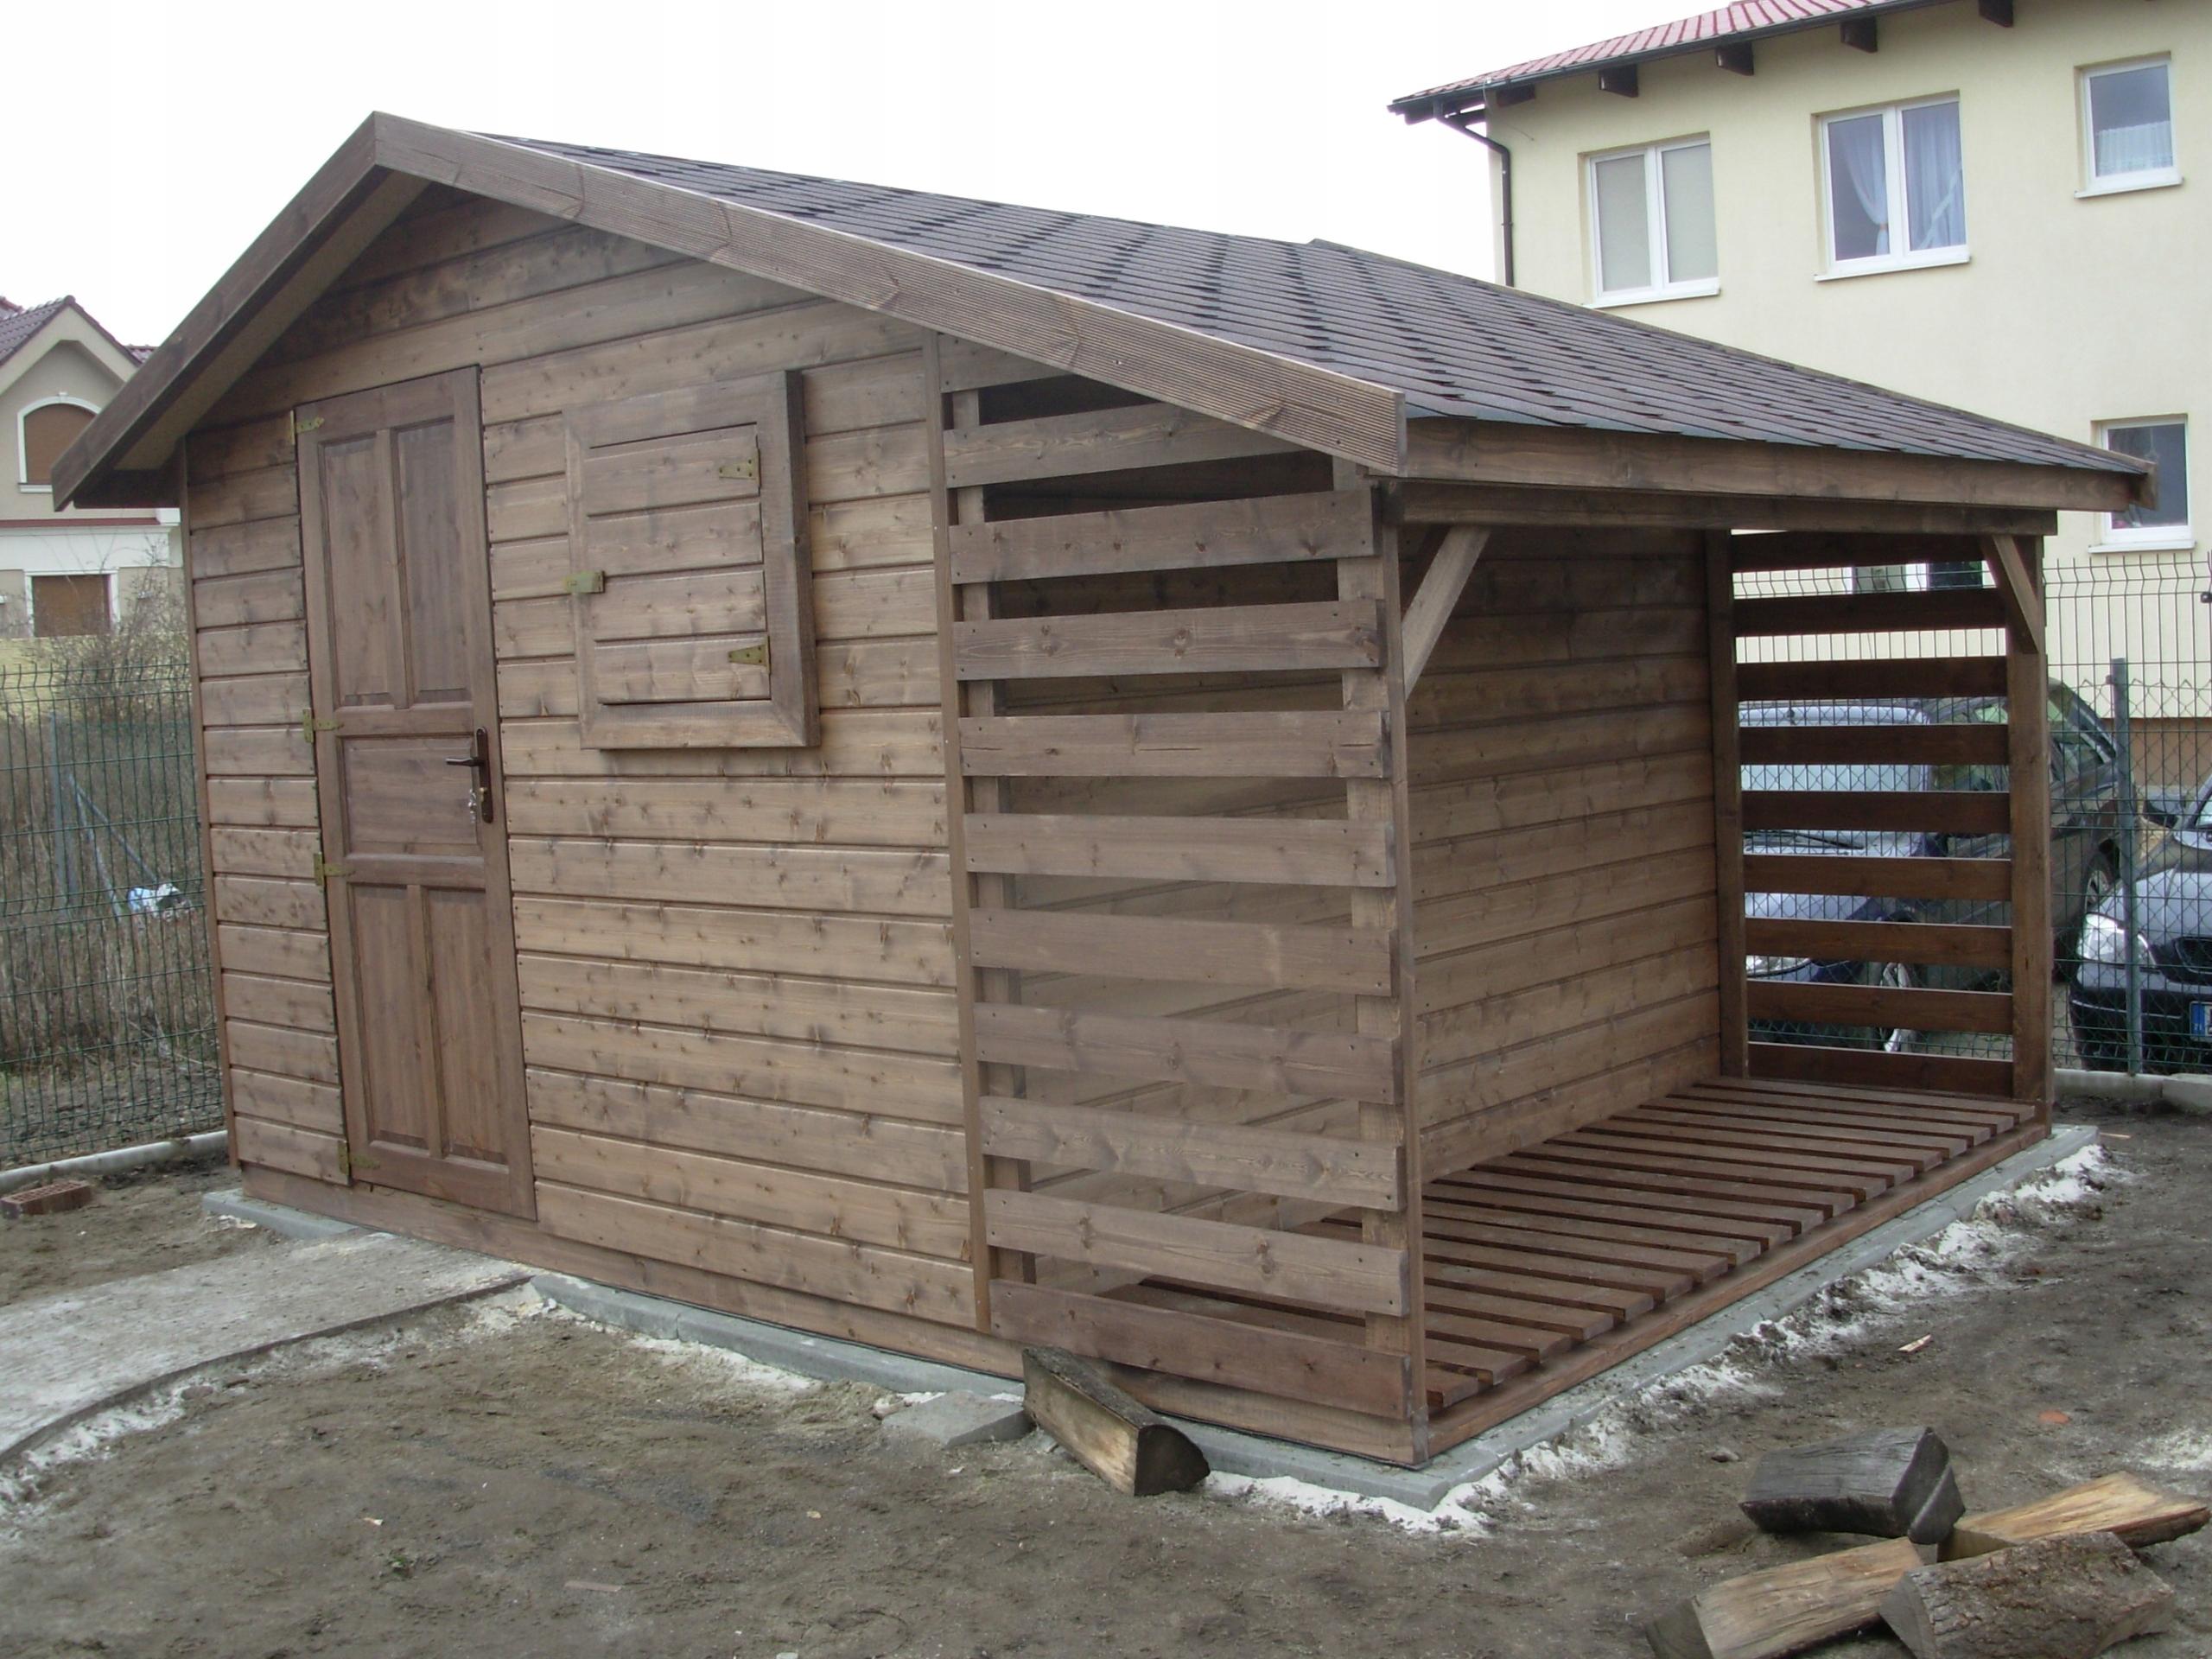 Chwalebne domek narzędziowy drewutnia EMIL z montażem - 7641456165 FU38